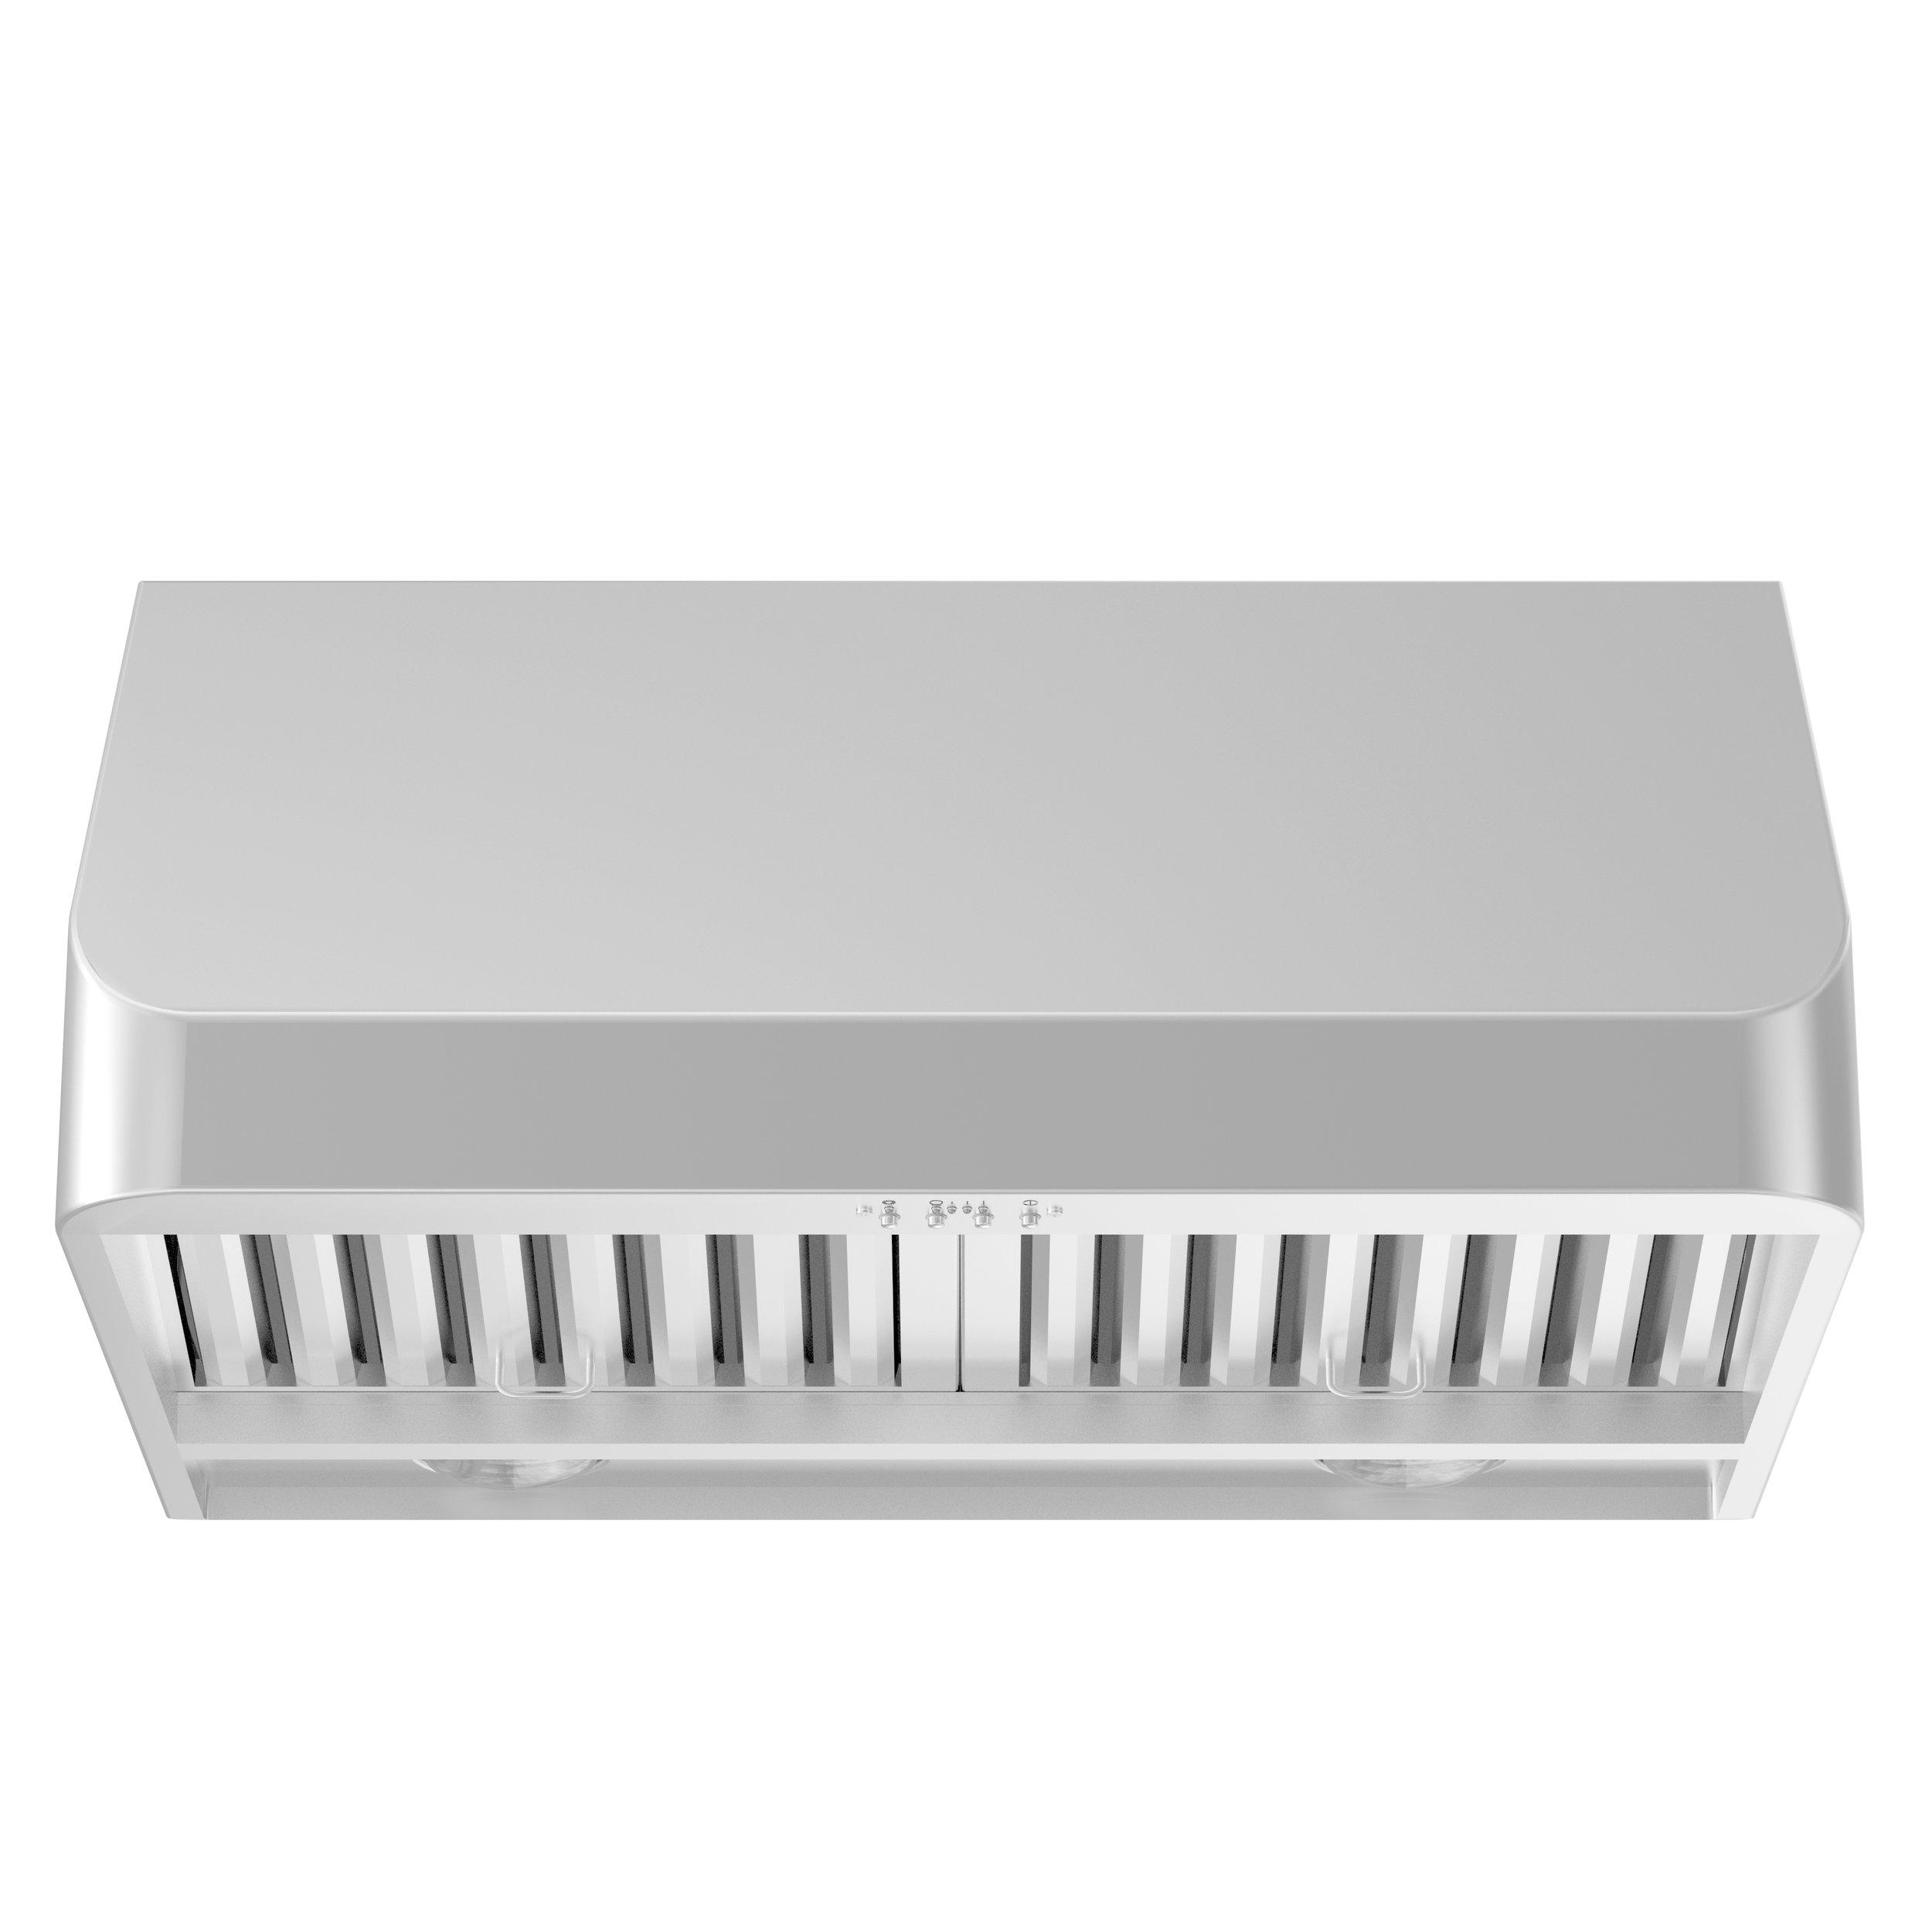 zline-stainless-steel-under-cabinet-range-hood-520-underneath.jpeg